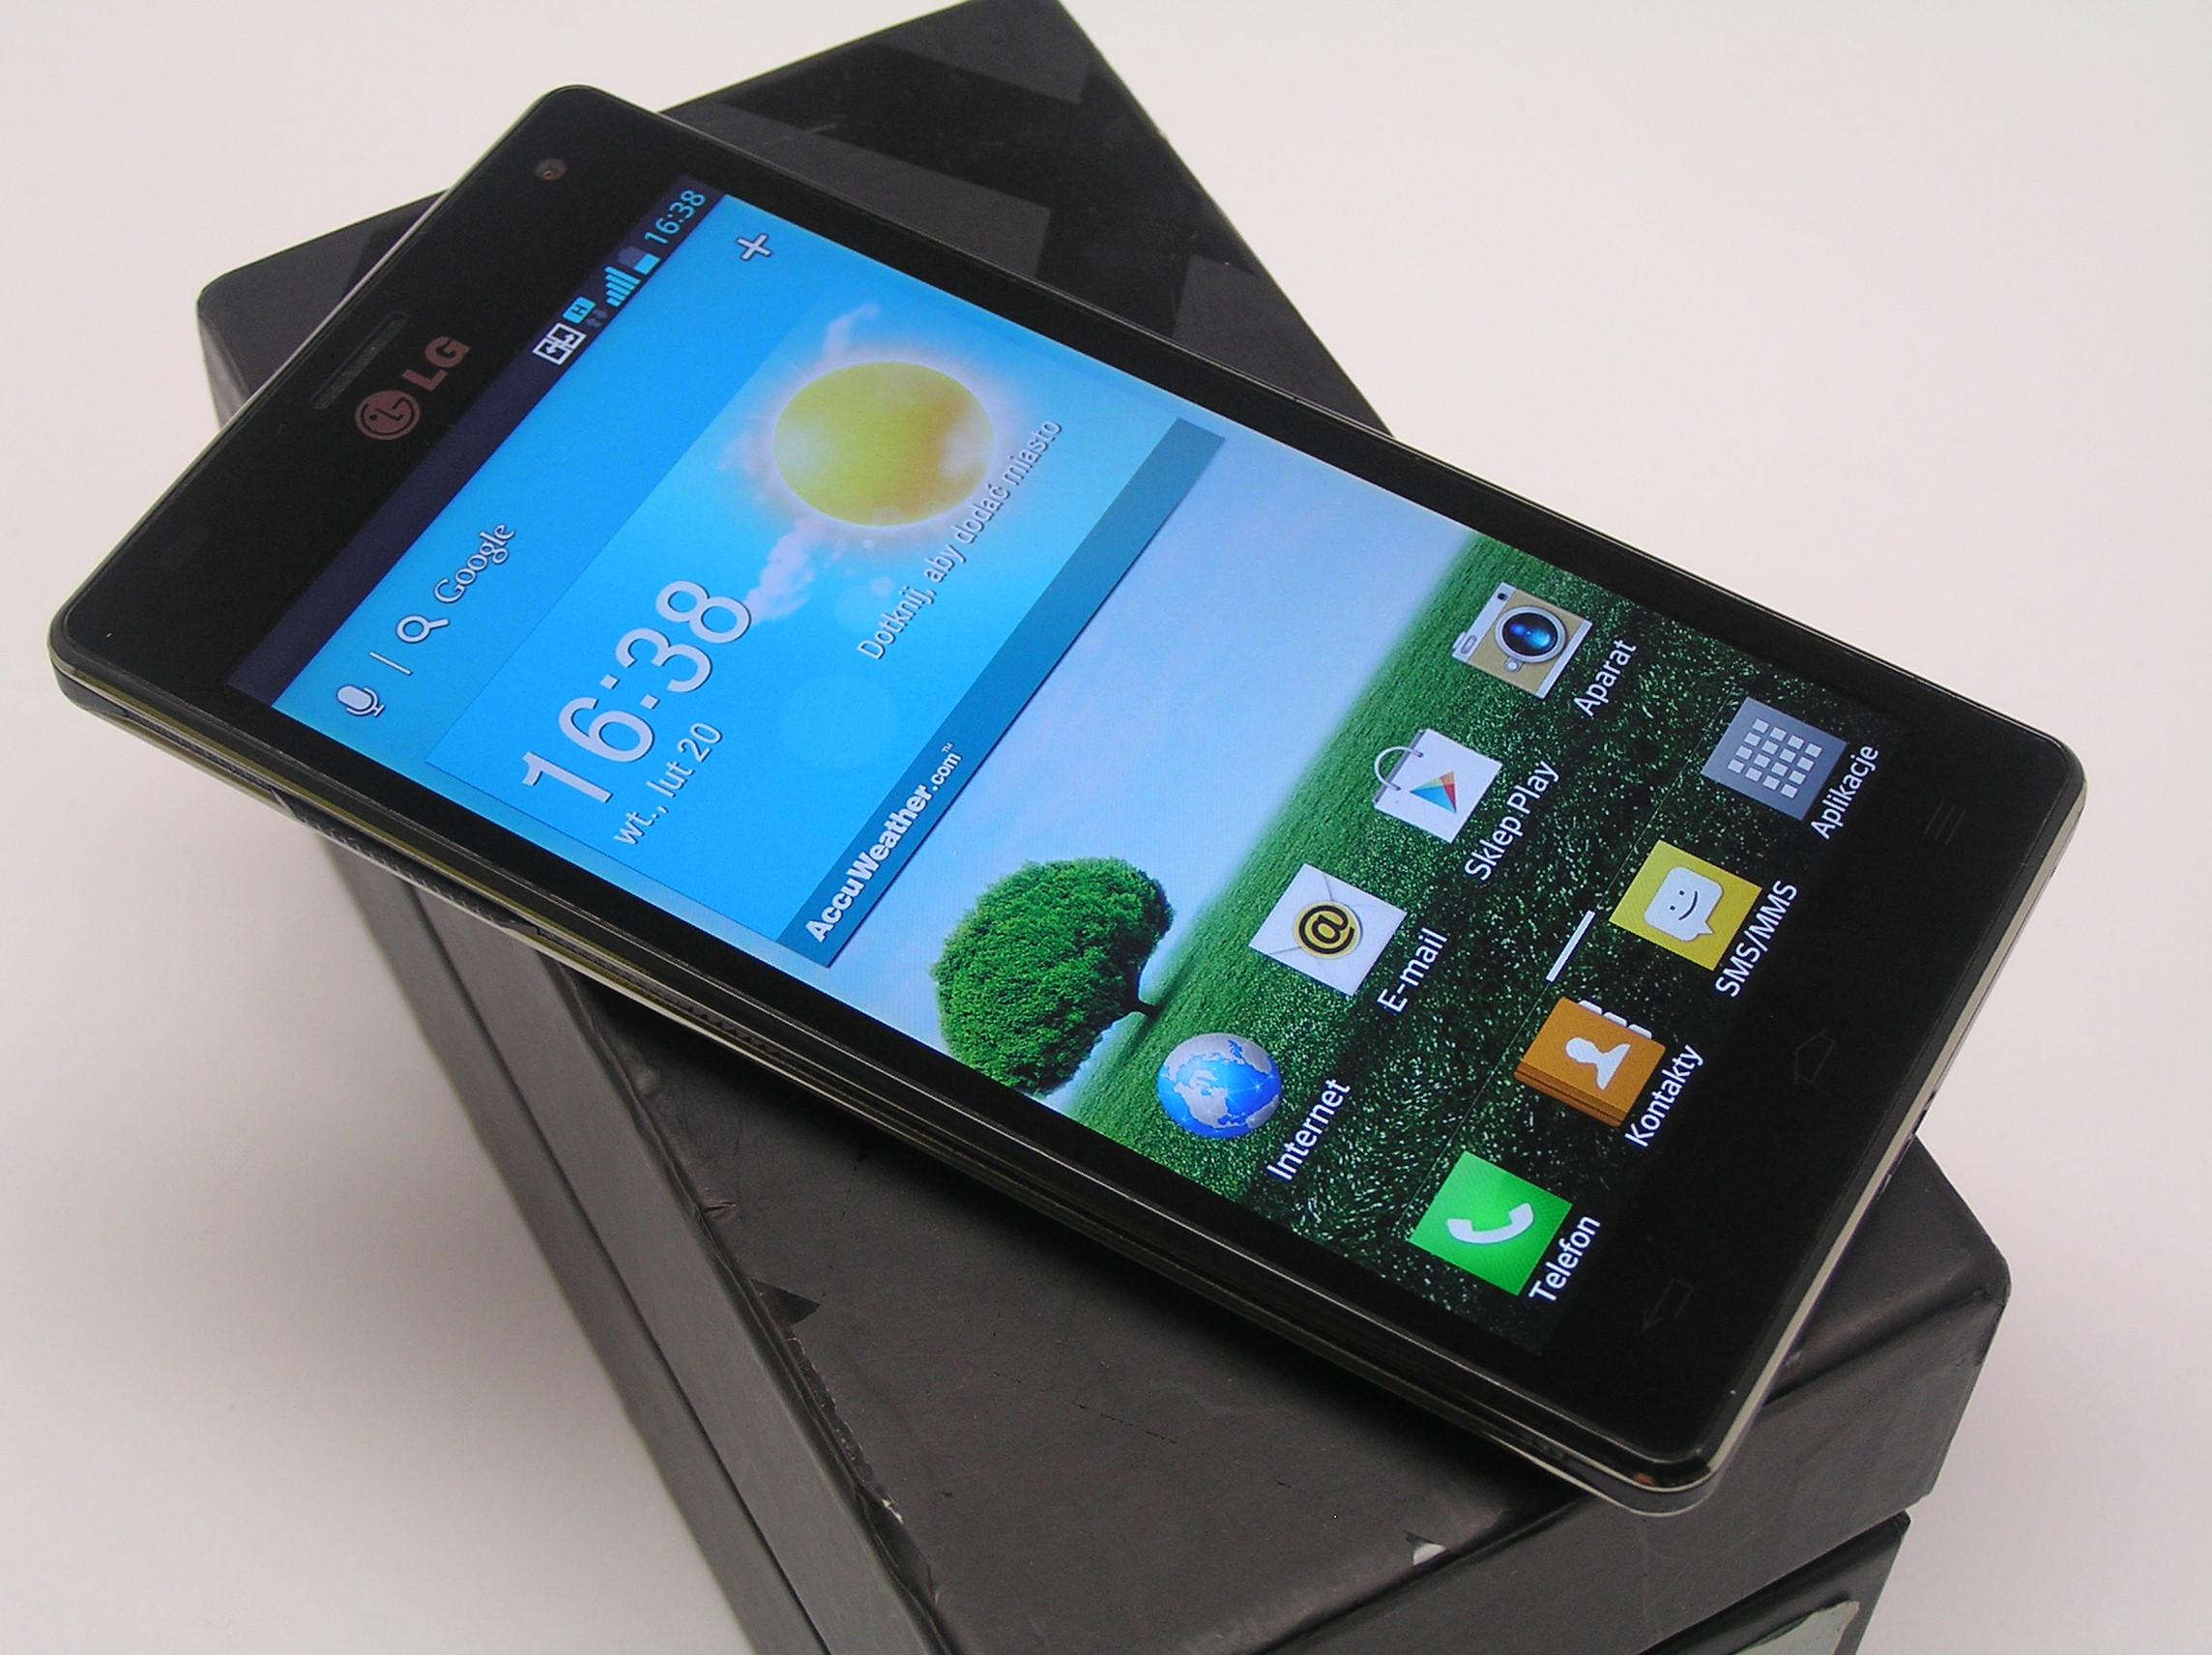 ZADBANY LG 4X HD 8MPX 16GB BEZ SIMLOCKA GW24 FV